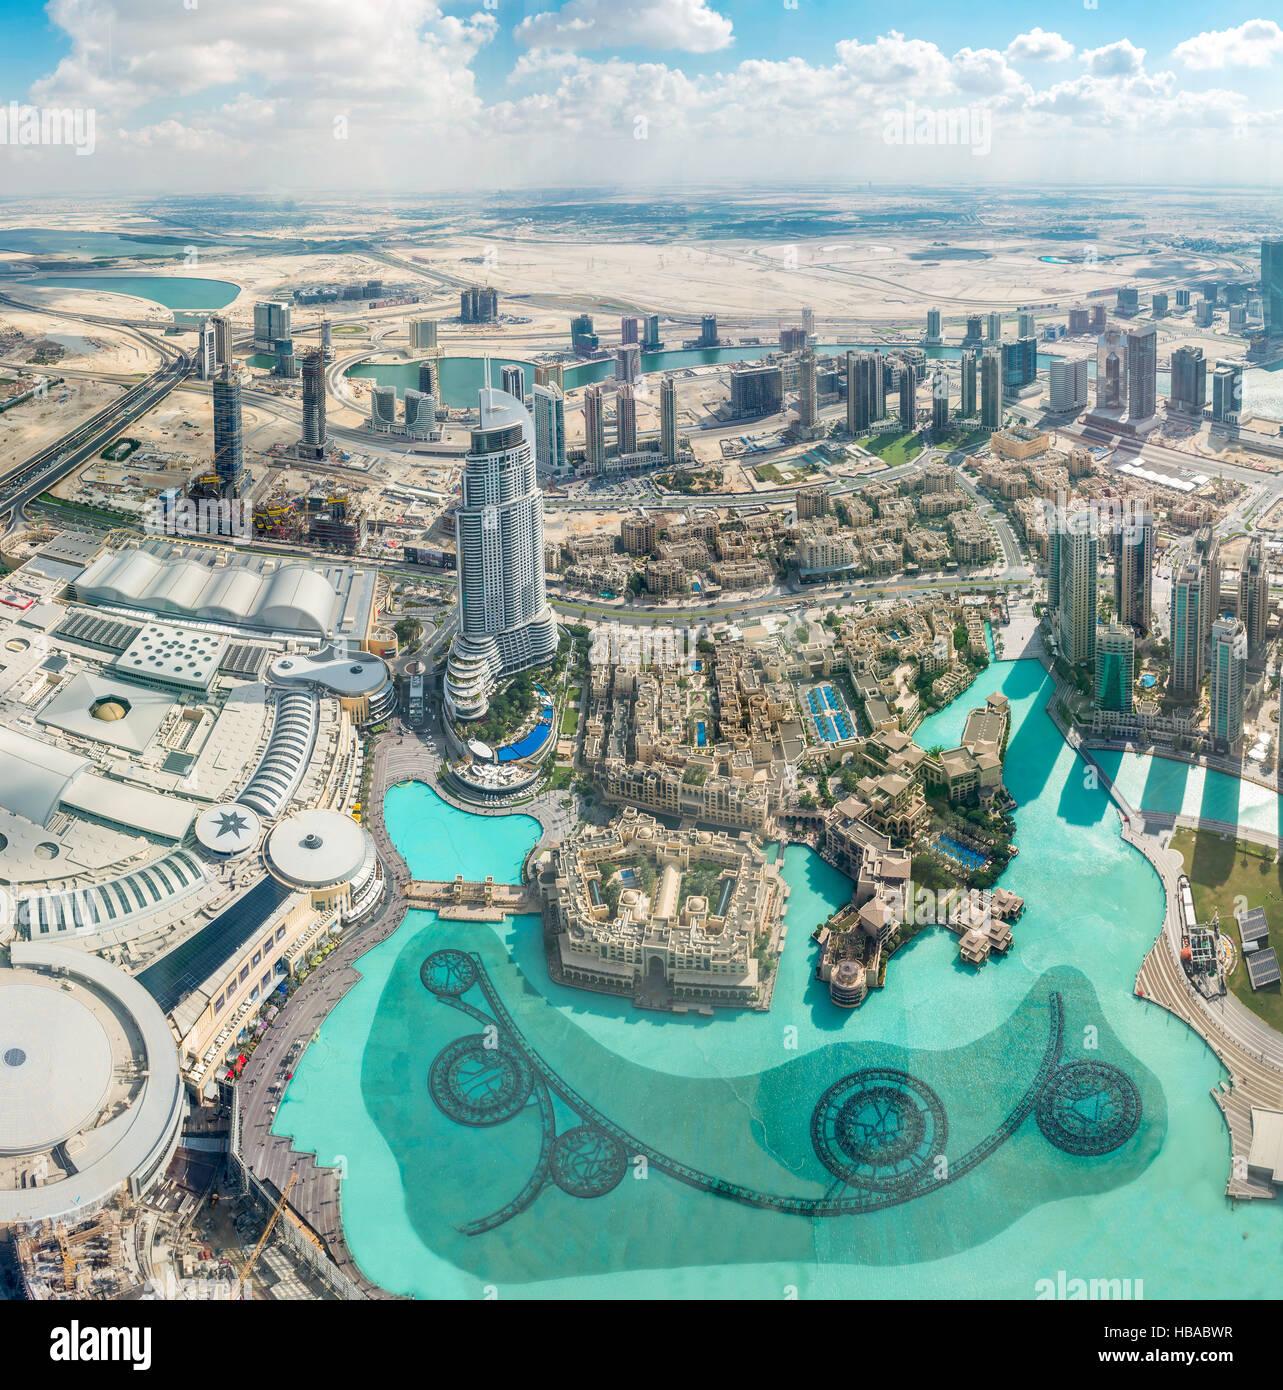 Vista aerea di Dubai (Emirati Arabi Uniti) Immagini Stock